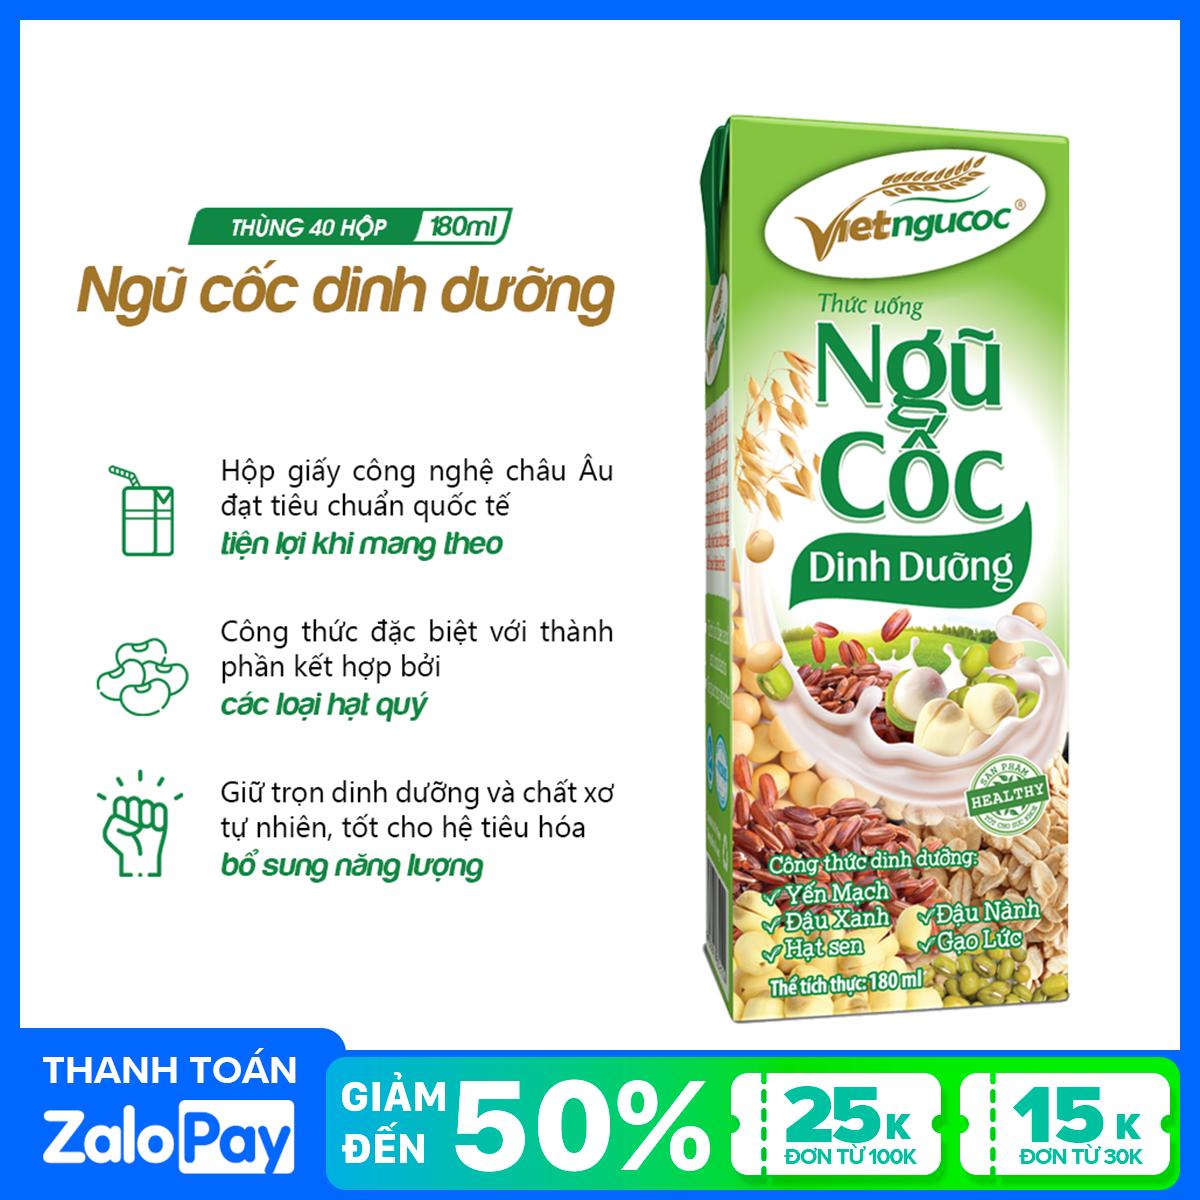 Thùng 40 hộp Thức uống Ngũ cốc dinh dưỡng Việt Ngũ Cốc – 180ml/hộp